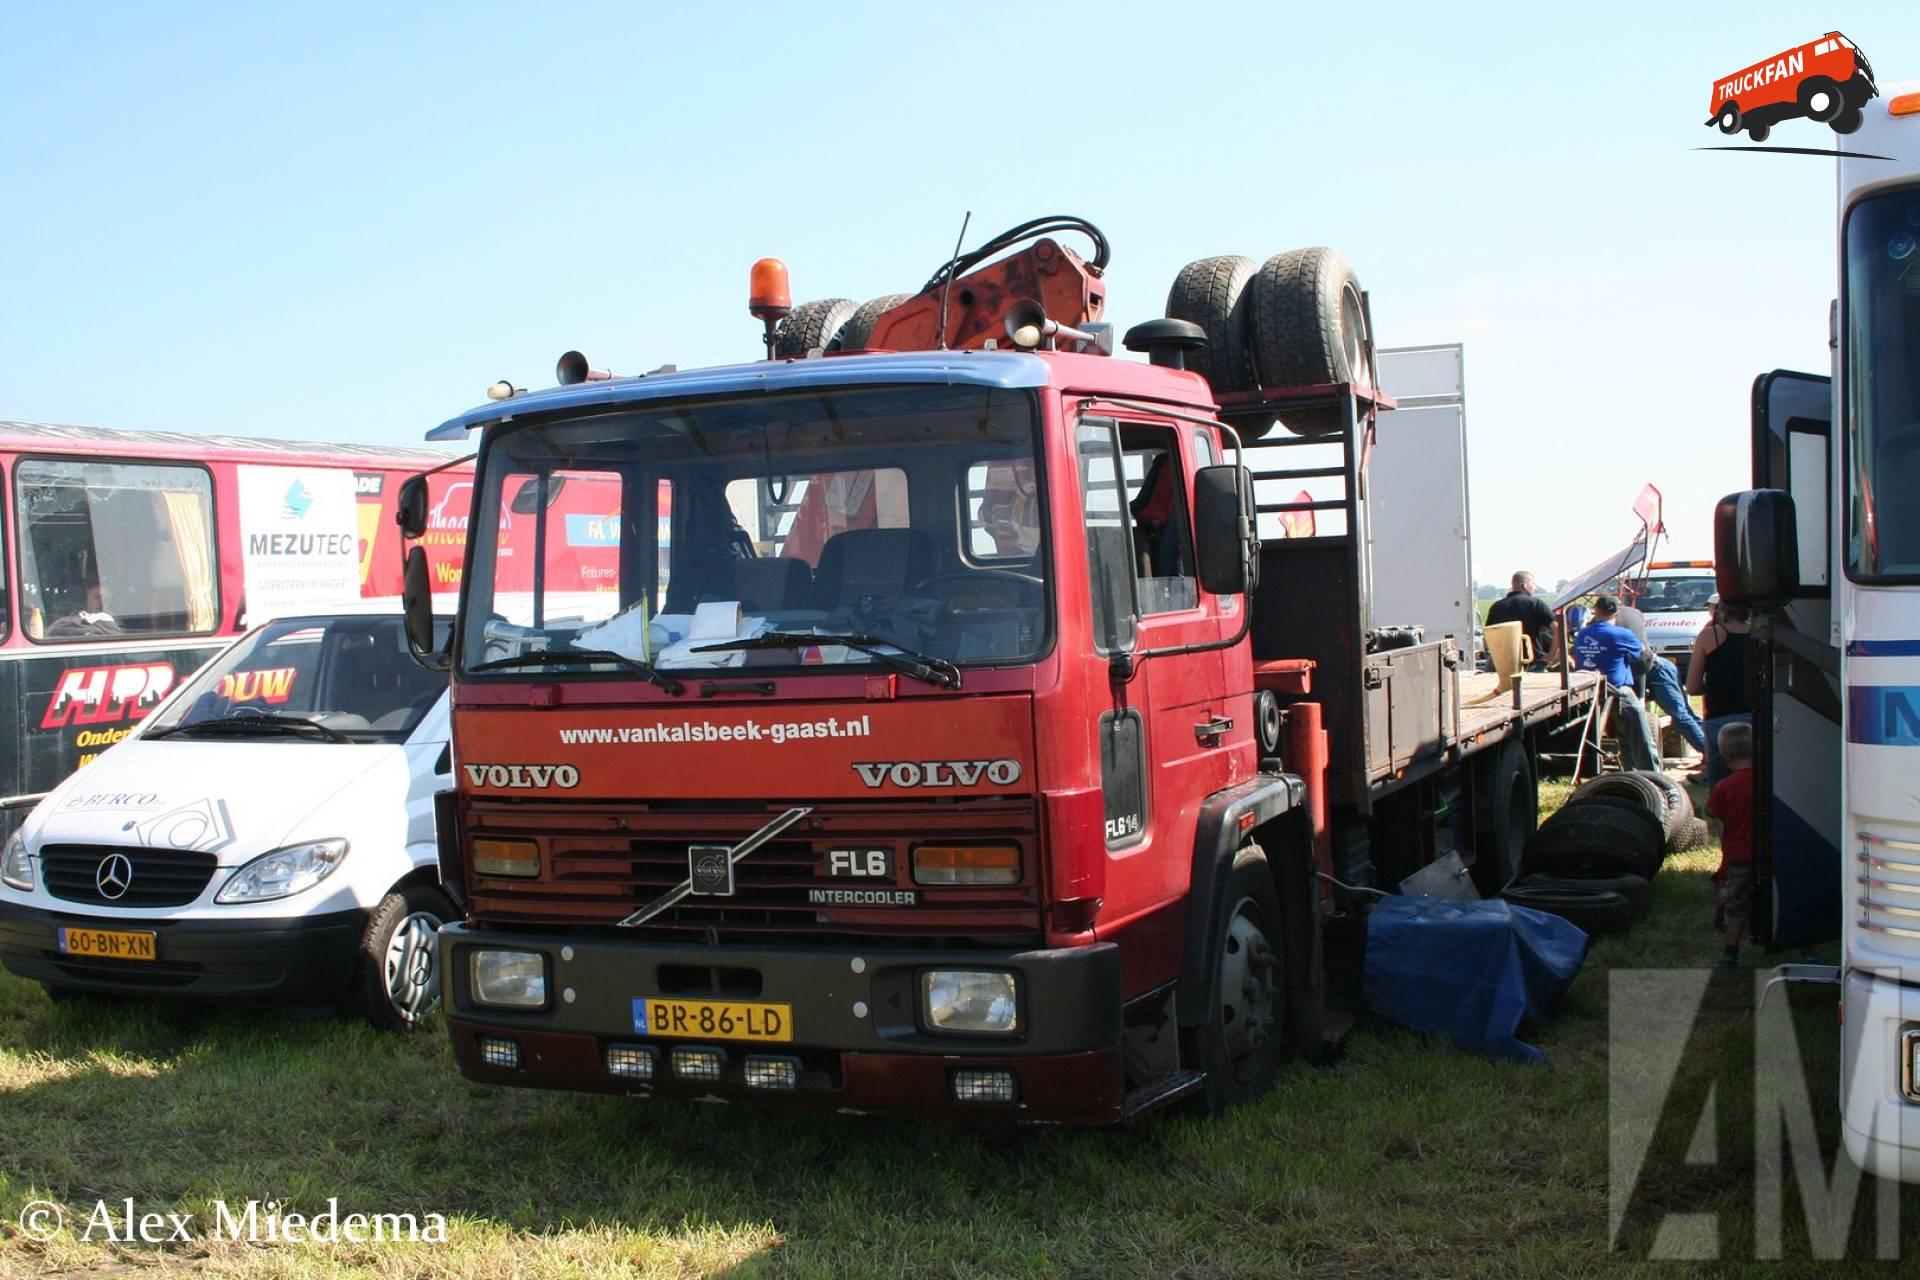 Volvo FL6